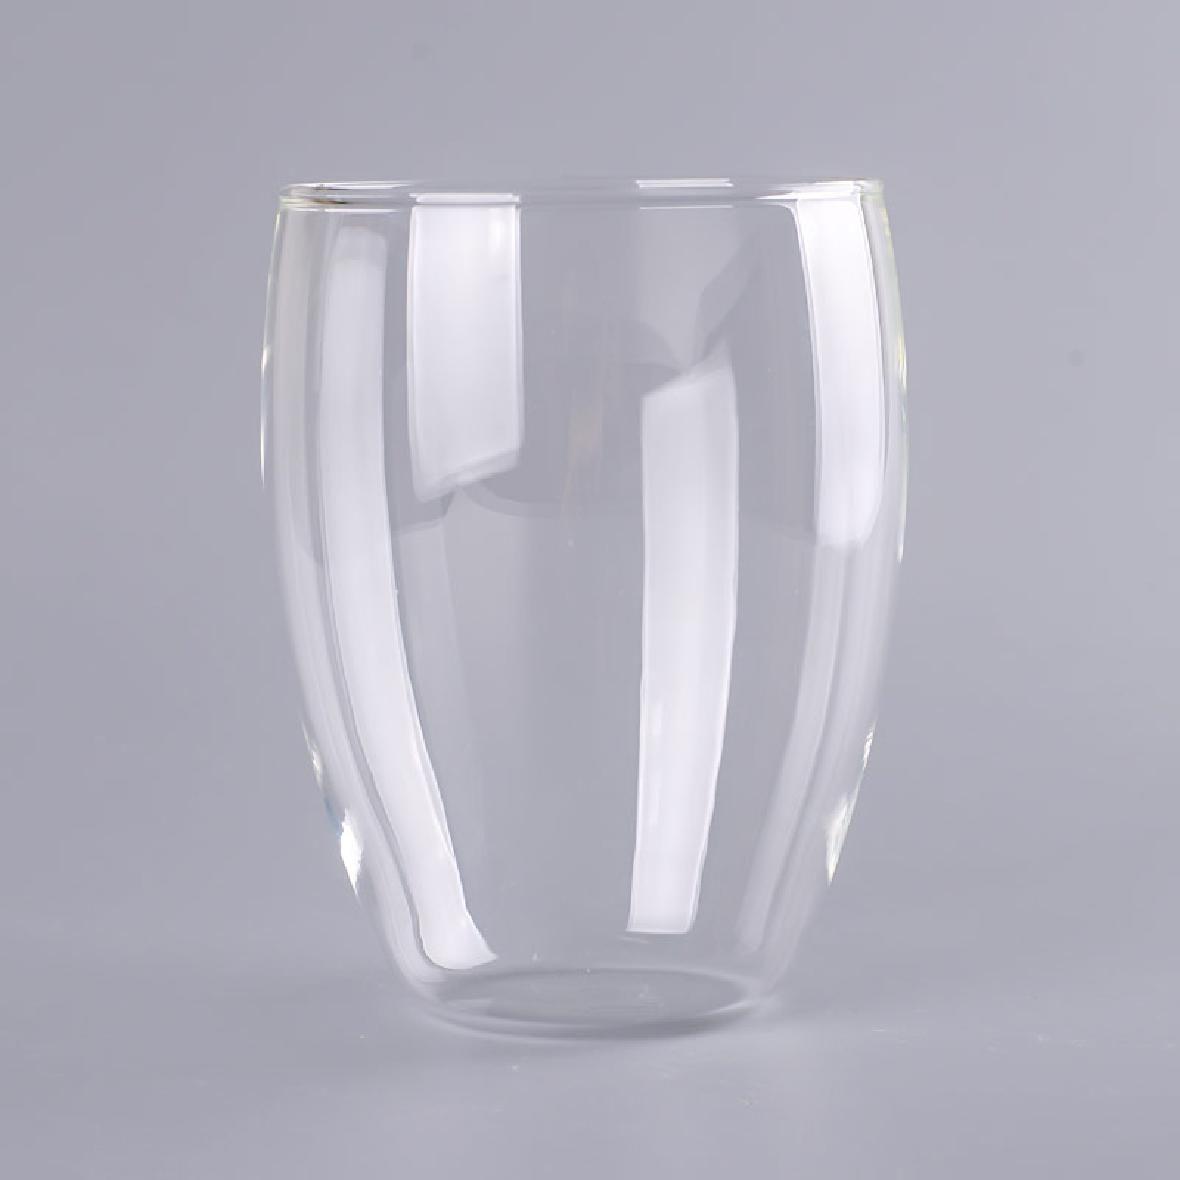 高硼硅玻璃制品 高硼硅玻璃制品